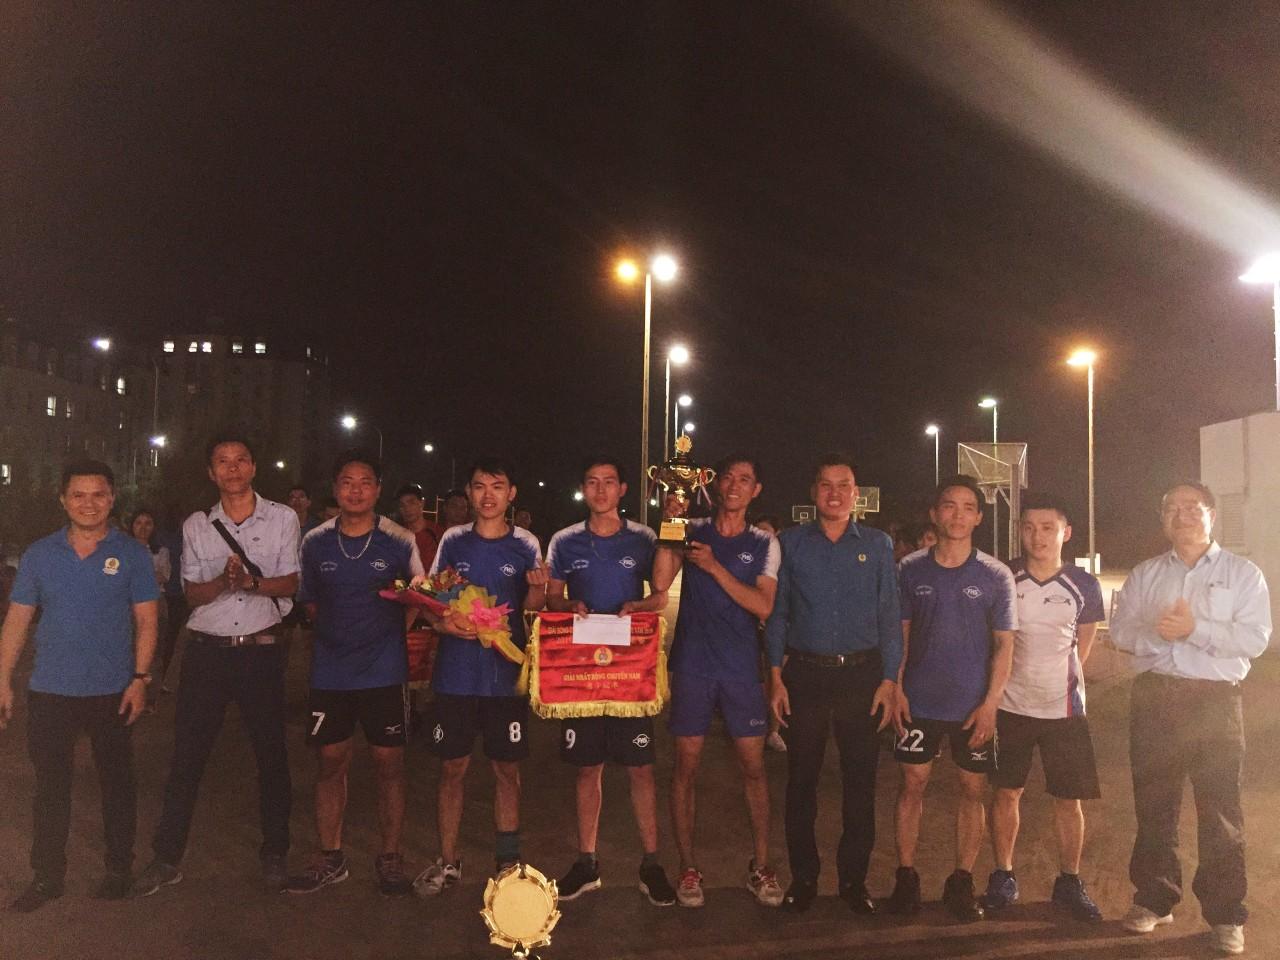 CĐ các Khu kinh tế tỉnh phối hợp tổ chức Bế mạc giải bóng chuyền nam nữ năm 2019